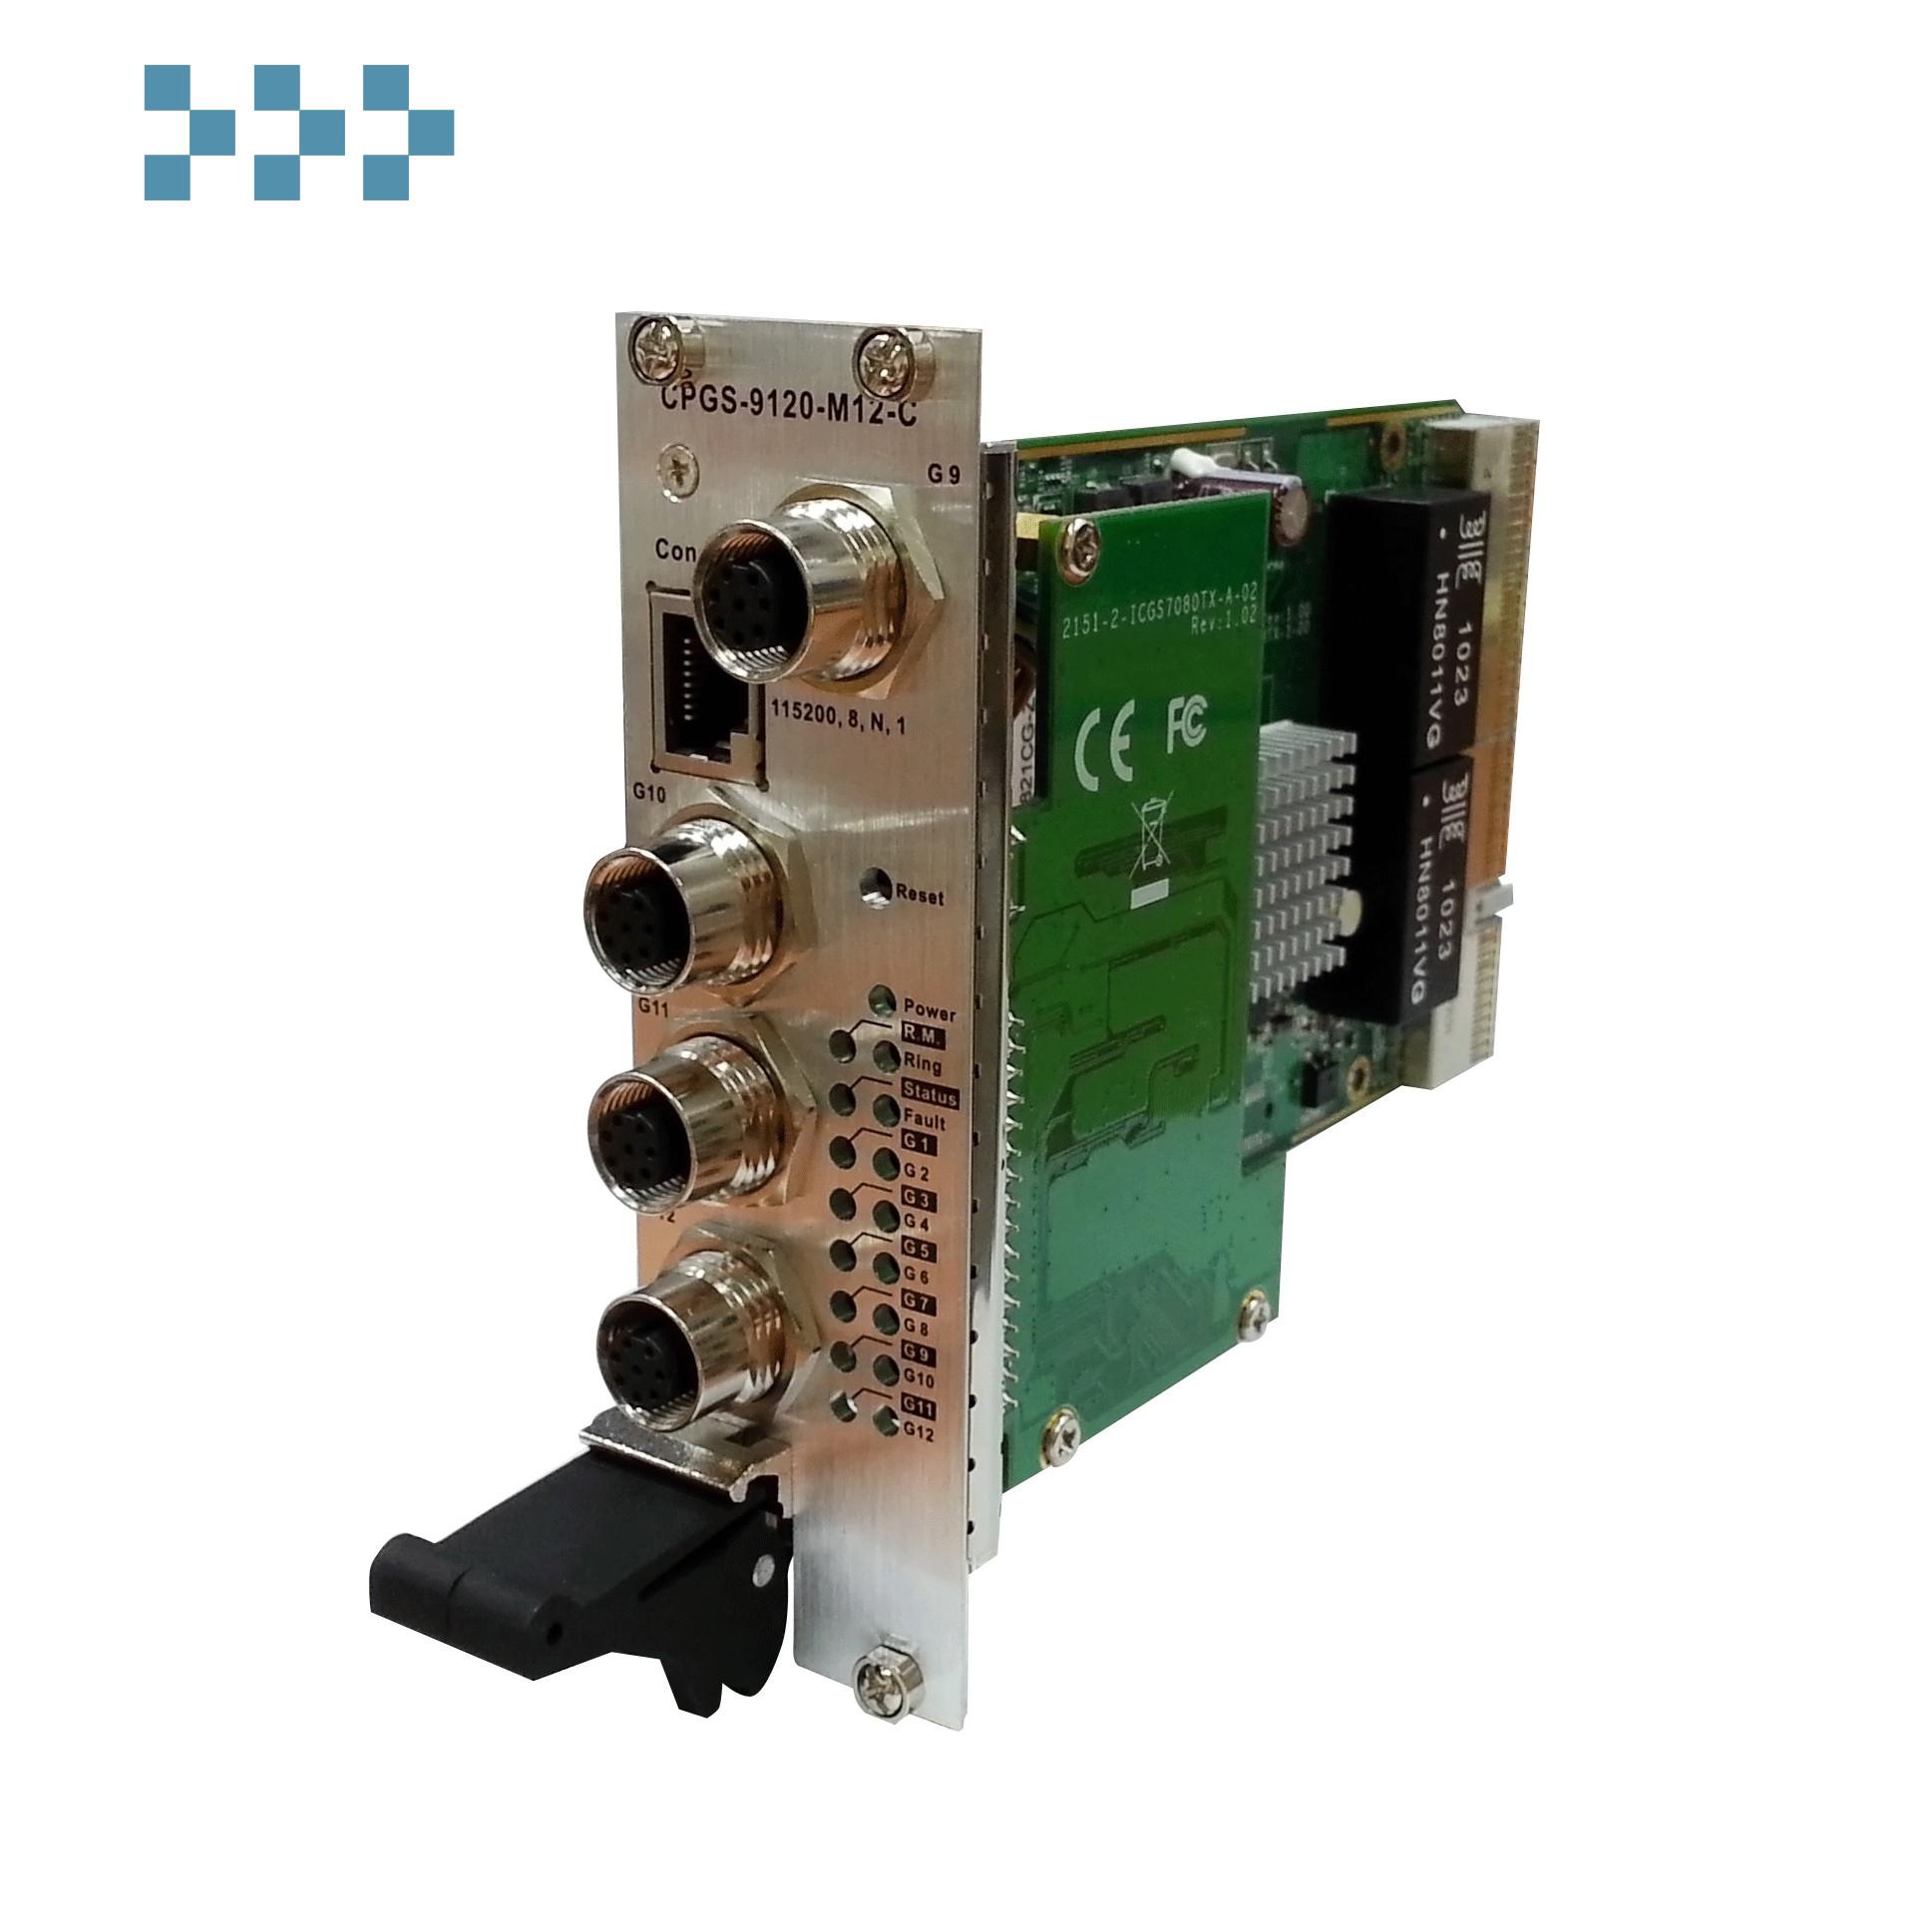 Промышленный коммутатор ORing CPGS-9120-M12-C